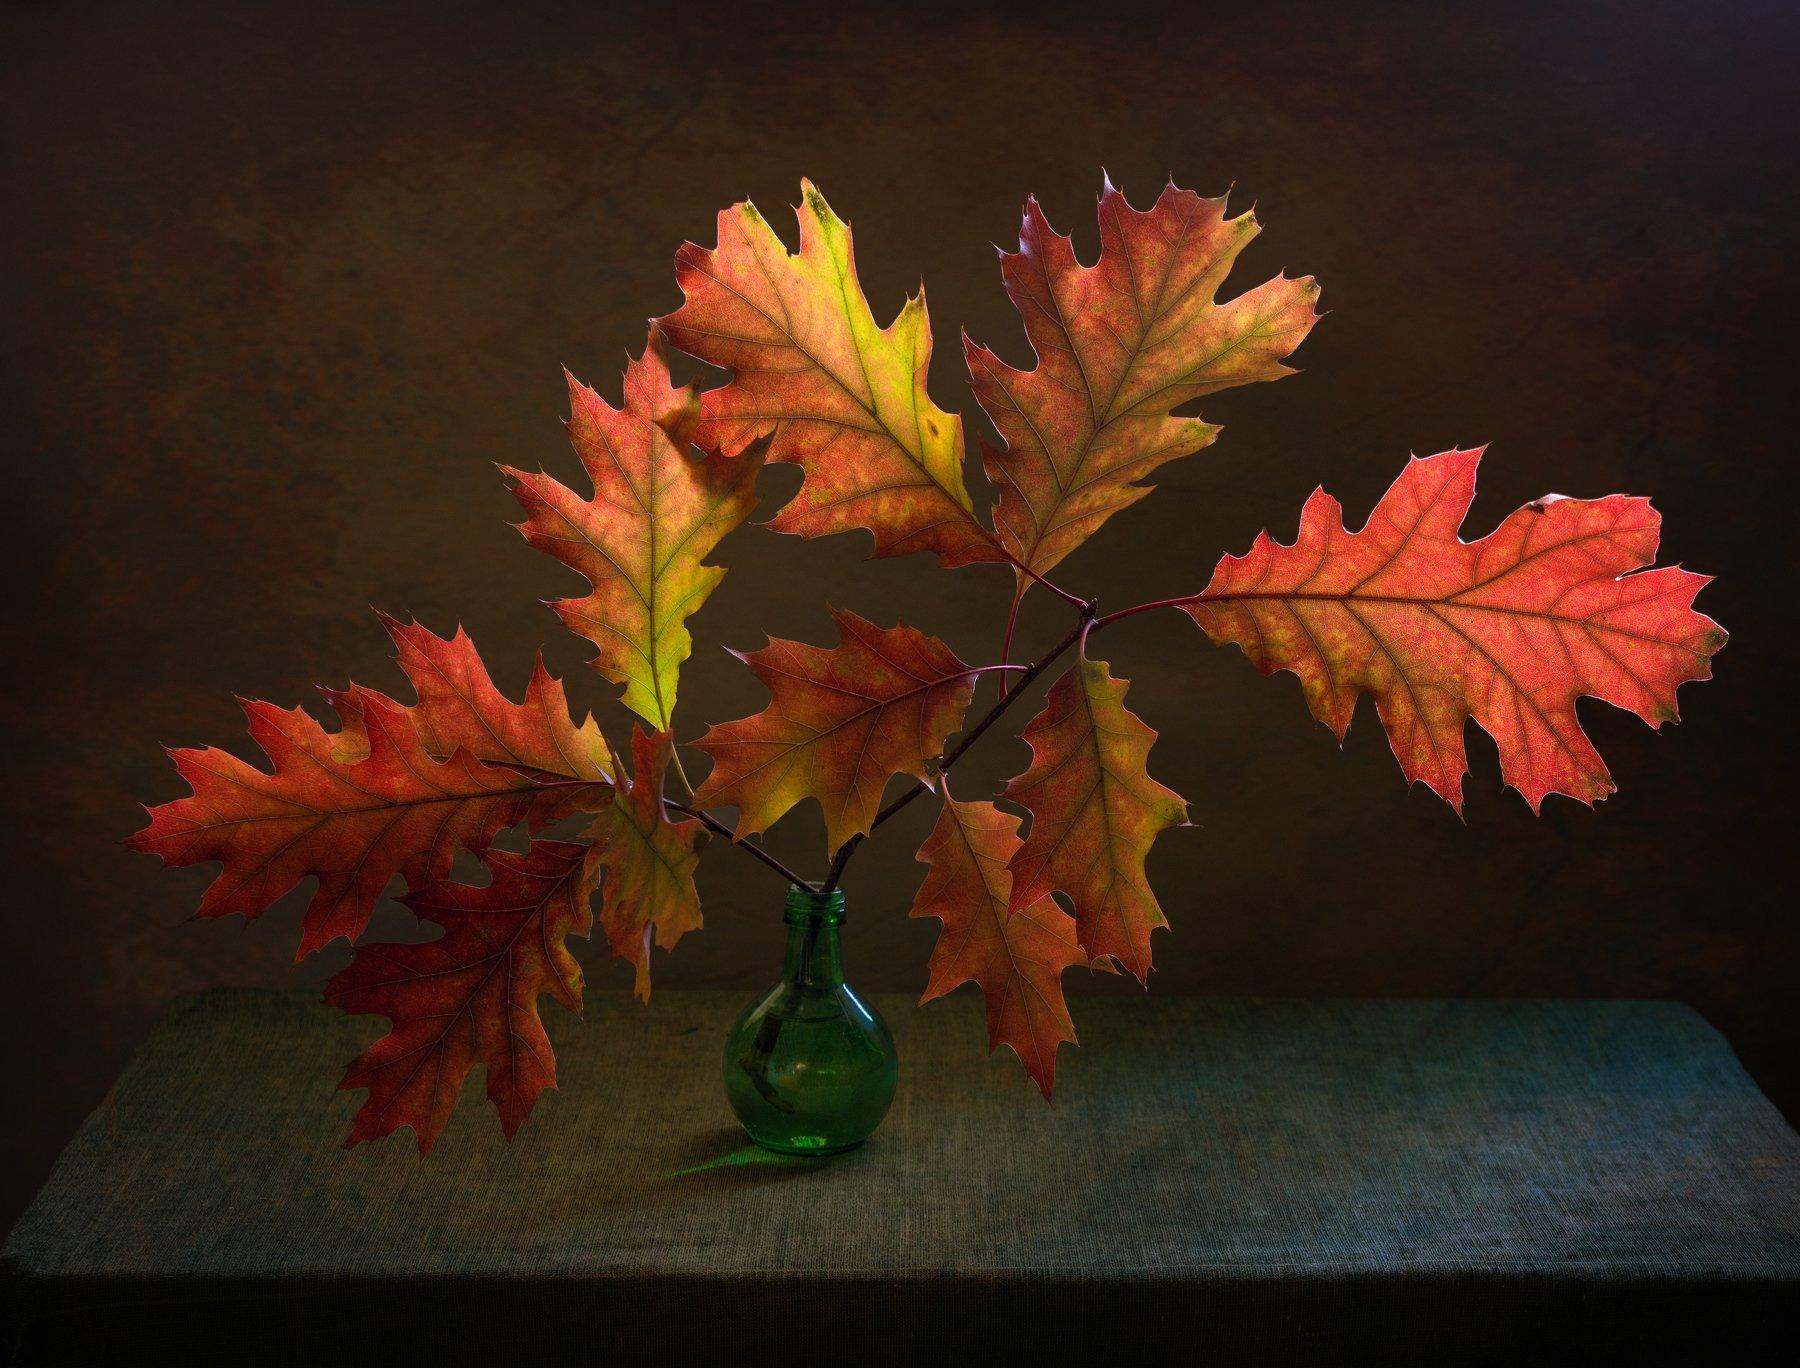 still life, натюрморт,    природа,  винтаж,  букет, осень, осенние листья, минимализм, дубовая ветка, дубовые листья, осенние краски, Михаил MSH